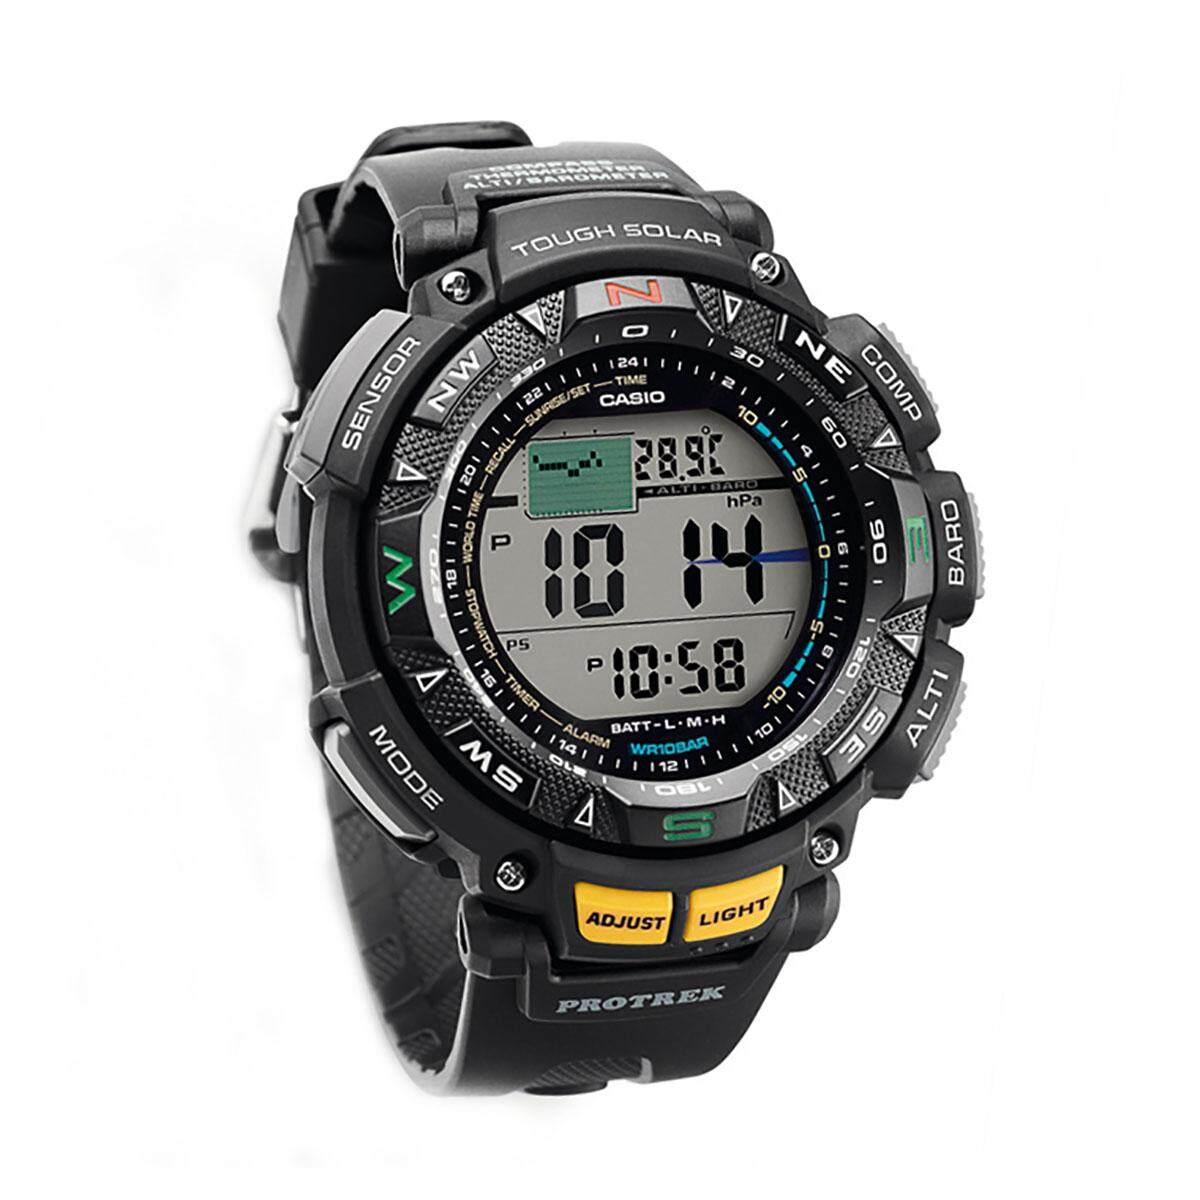 Casio Protrek Prg 240 1 Hitam Daftar Harga Terkini Terlengkap Prw 3100y 1dr Jam Tangan Pria Watch Tough Solar Black Stainless Steel Case Resin Strap Mens